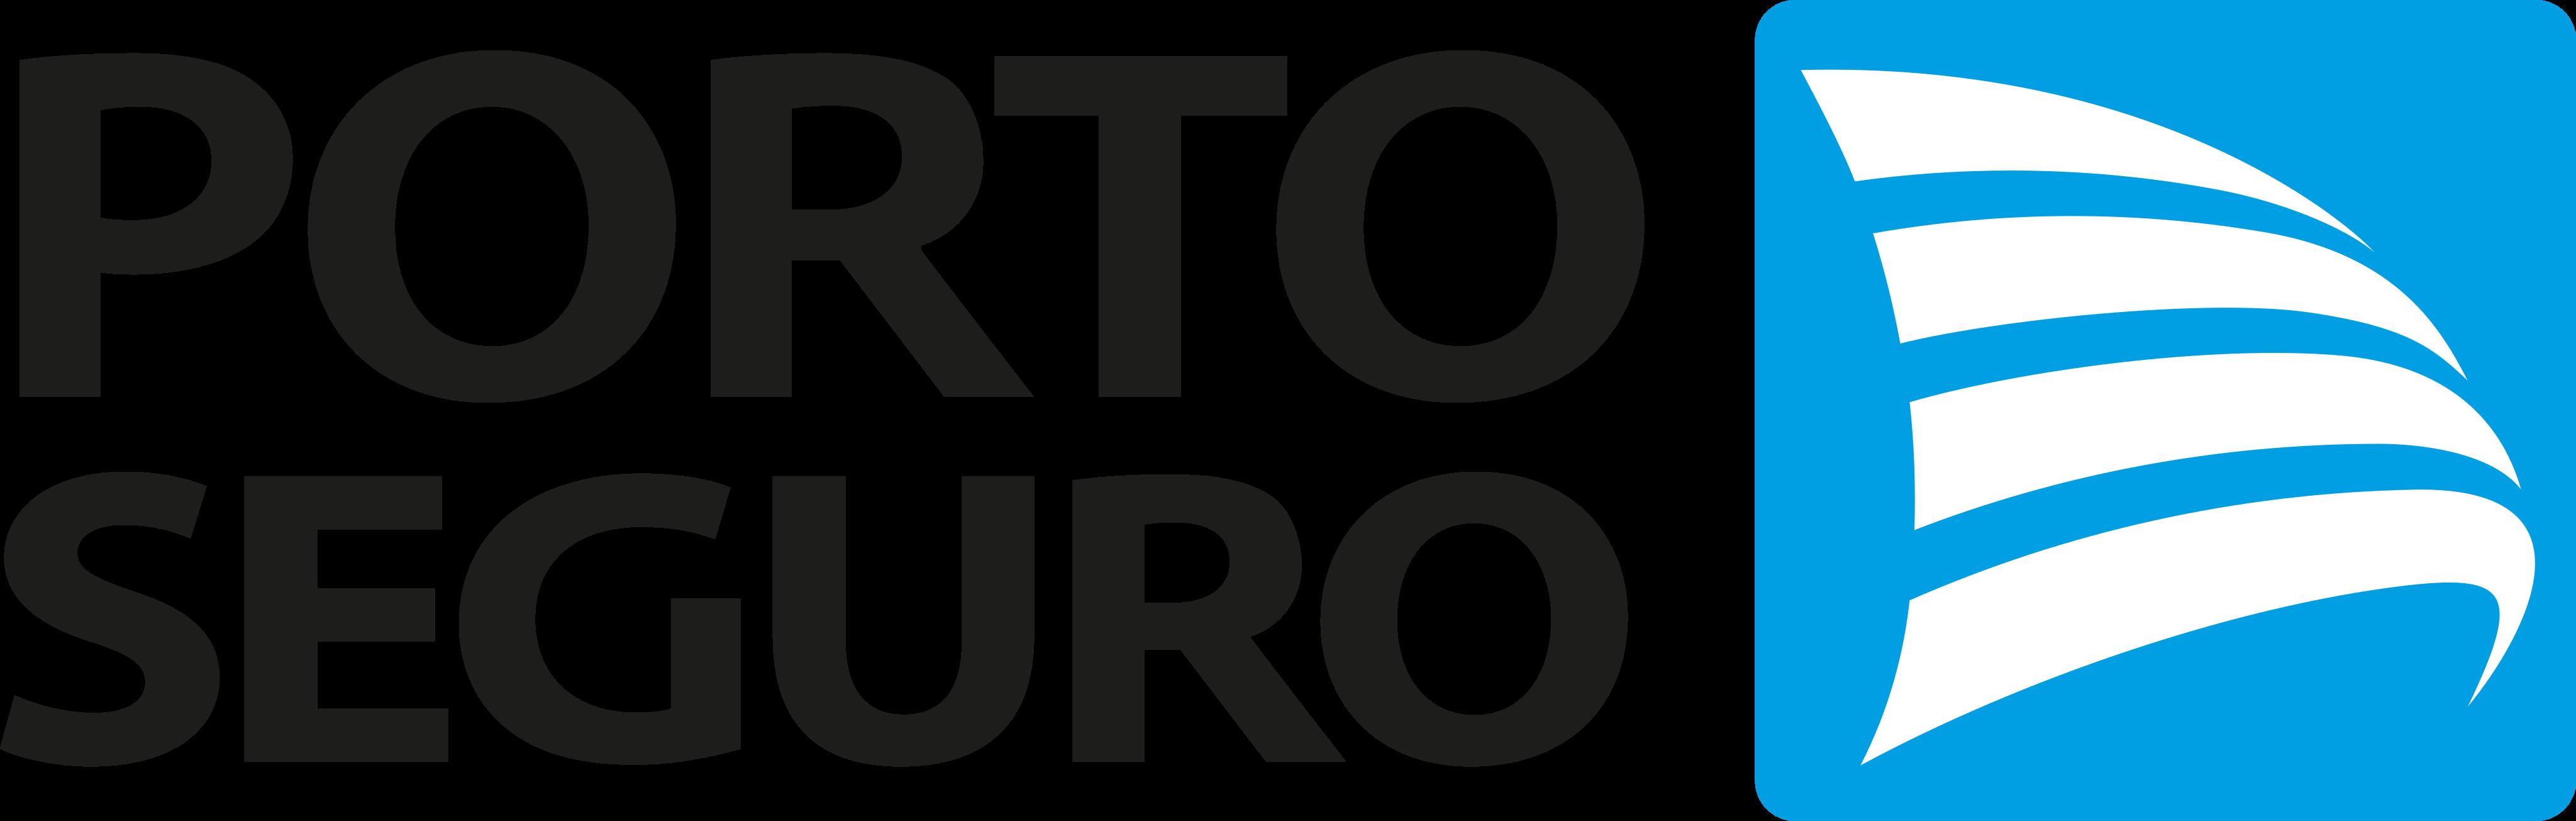 porto-seguro-logo-1-3